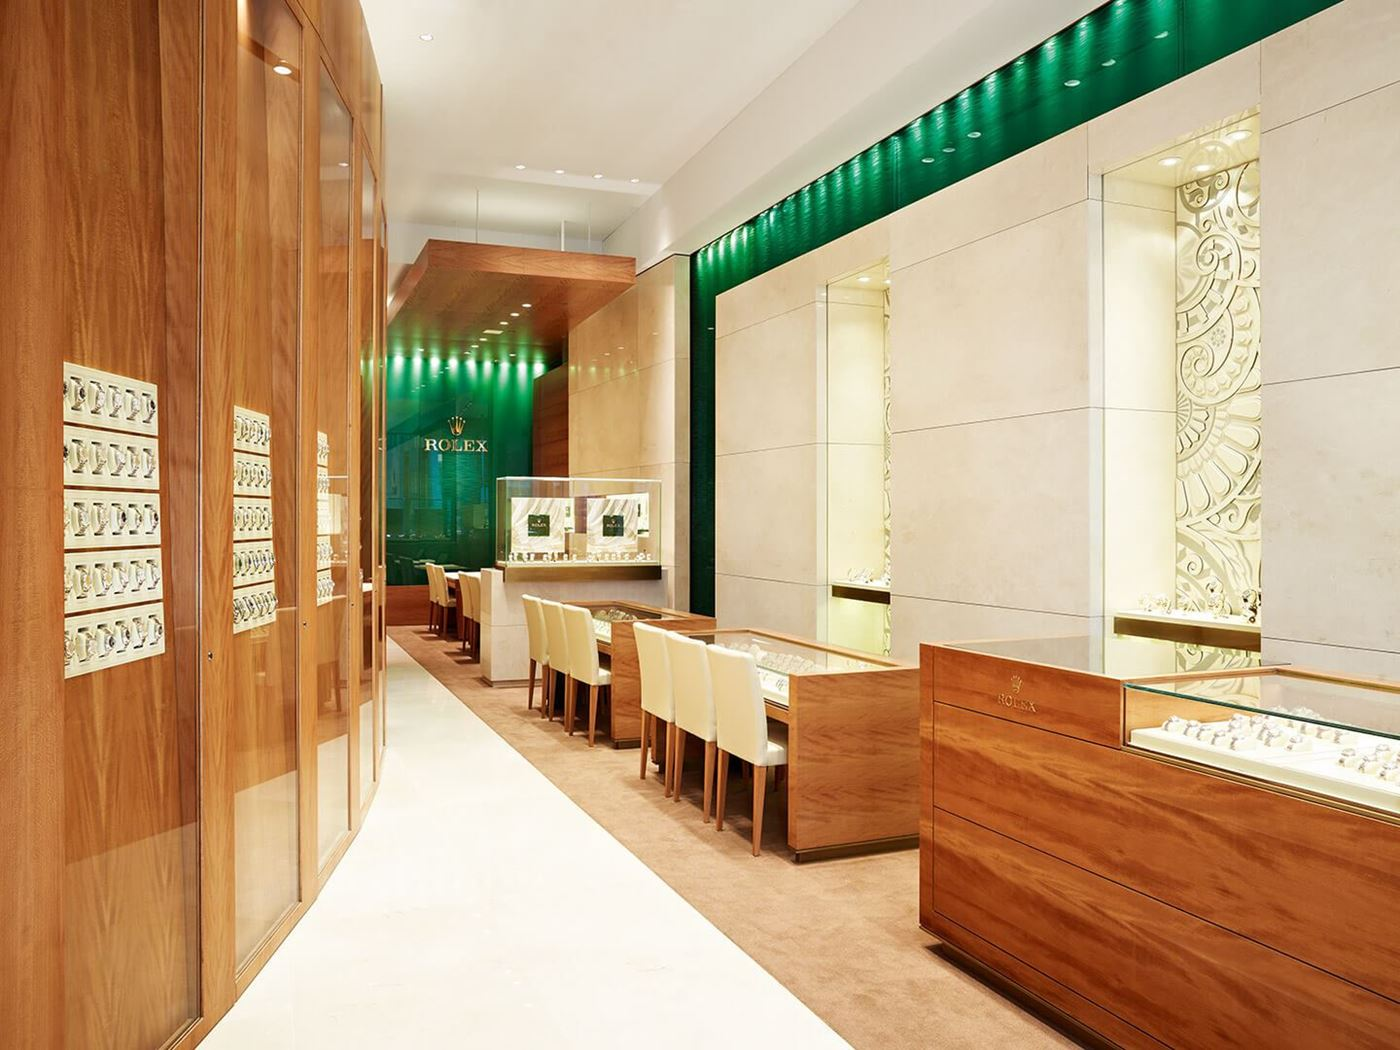 New_York_Rolex_Boutique_innen_02-stage